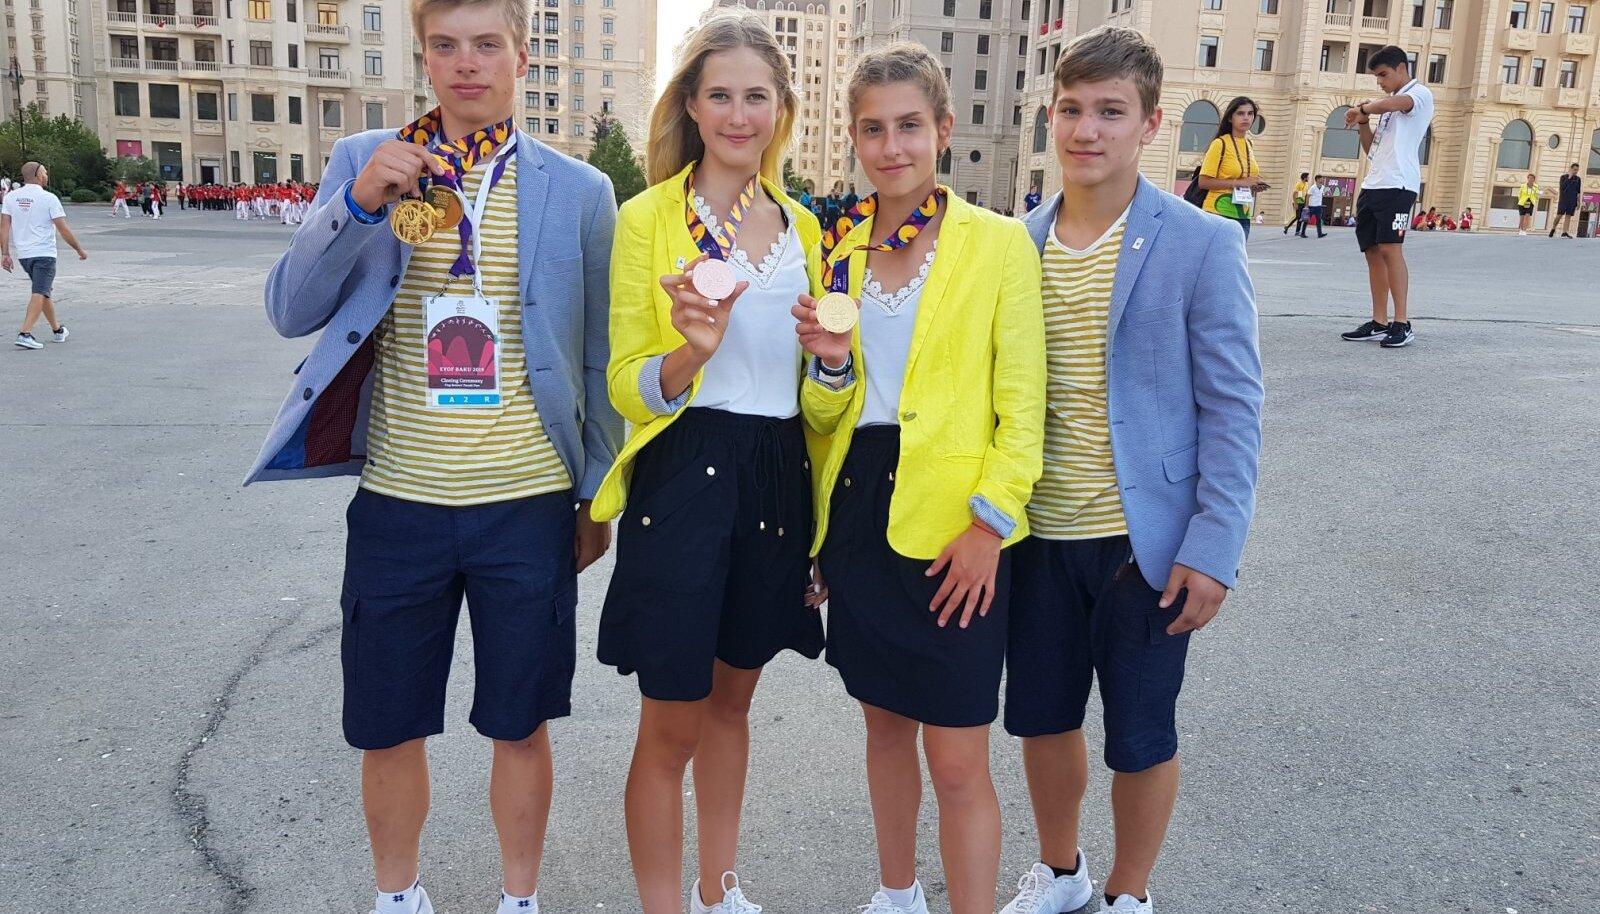 Eestile medaleid võitnud Madis Mihkels, Laura Lizette Sander, Jekaterina Mirotvortseva ja Viljar Lipard.